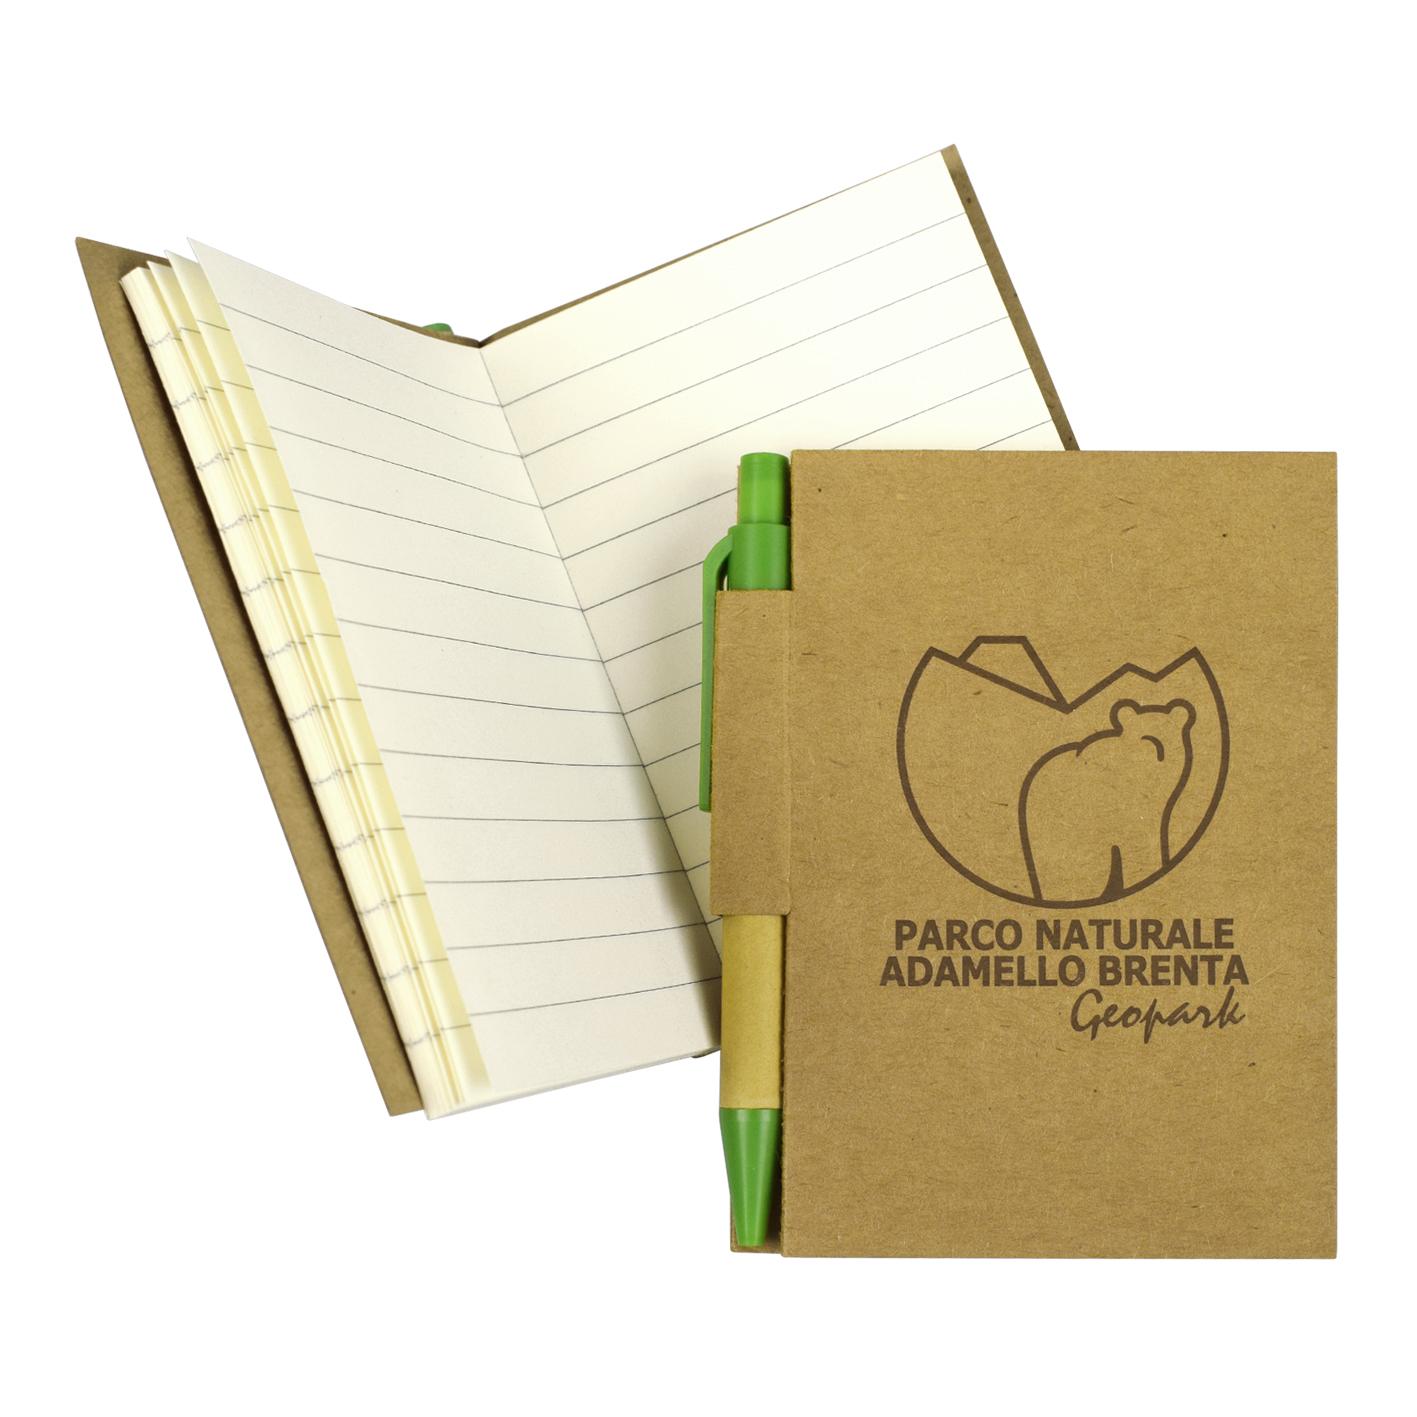 Notes personalizzati per il Parco Naturale Adamello Brenta